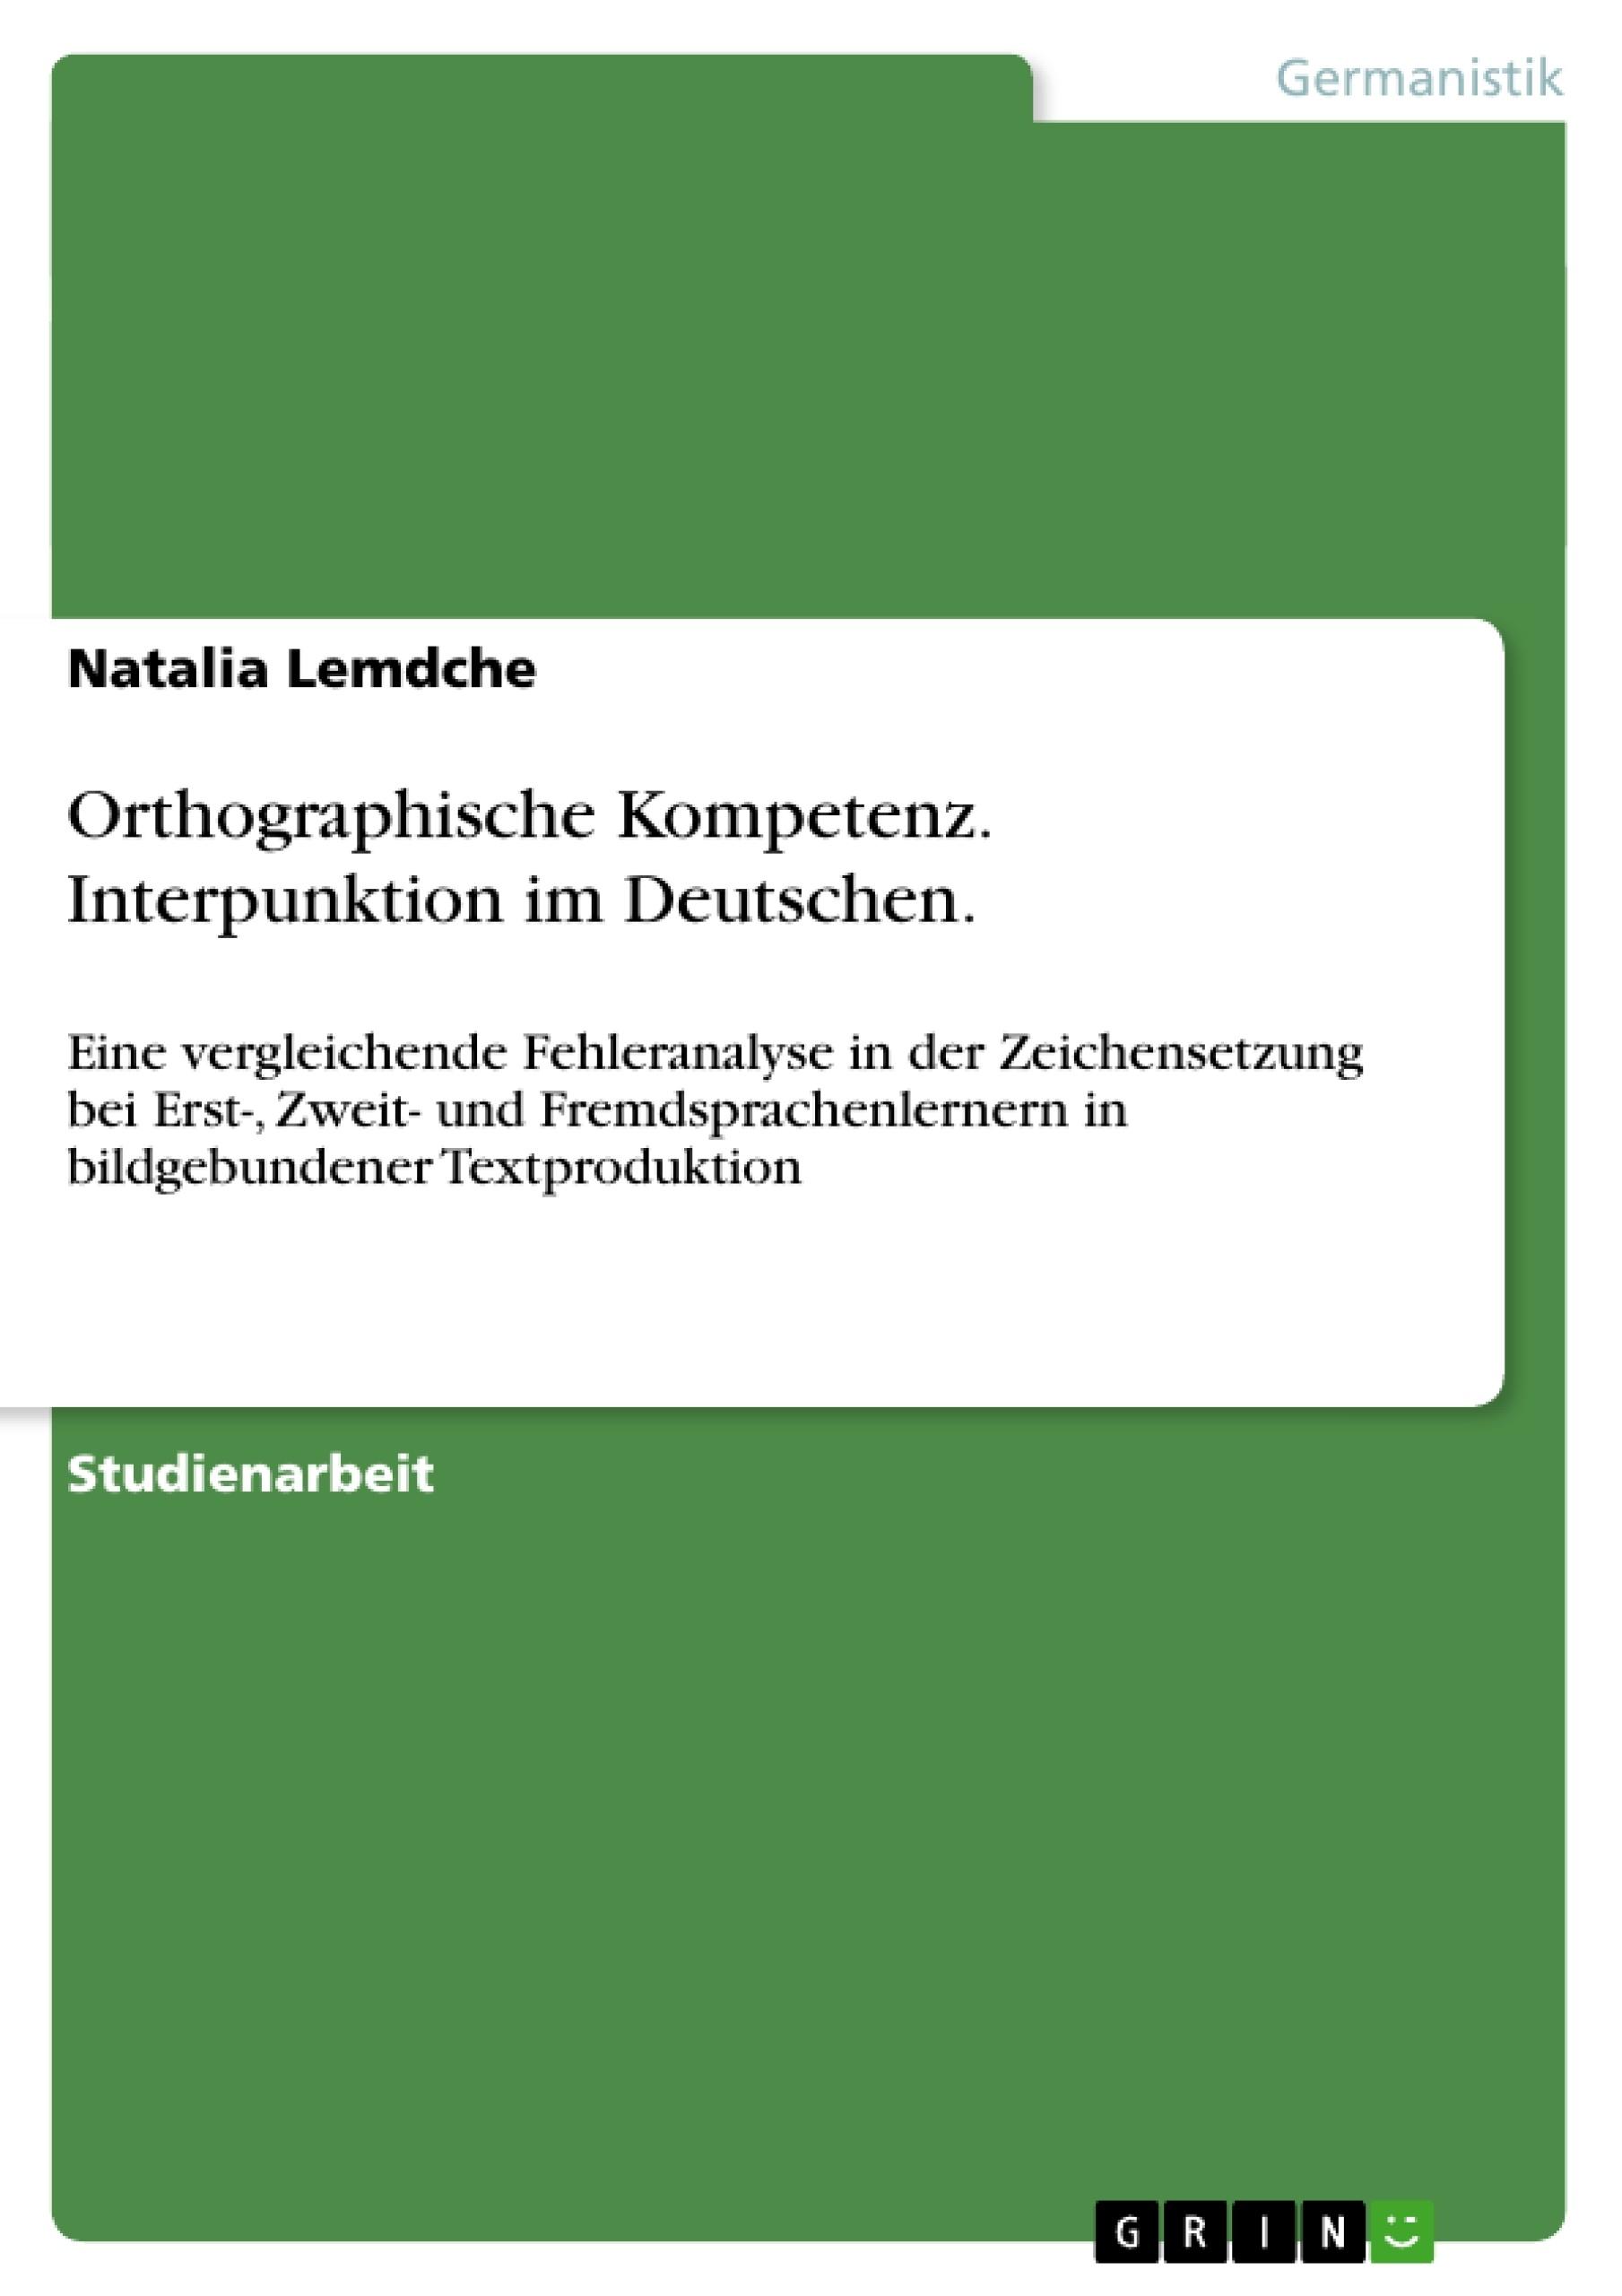 Titel: Orthographische Kompetenz. Interpunktion im Deutschen.